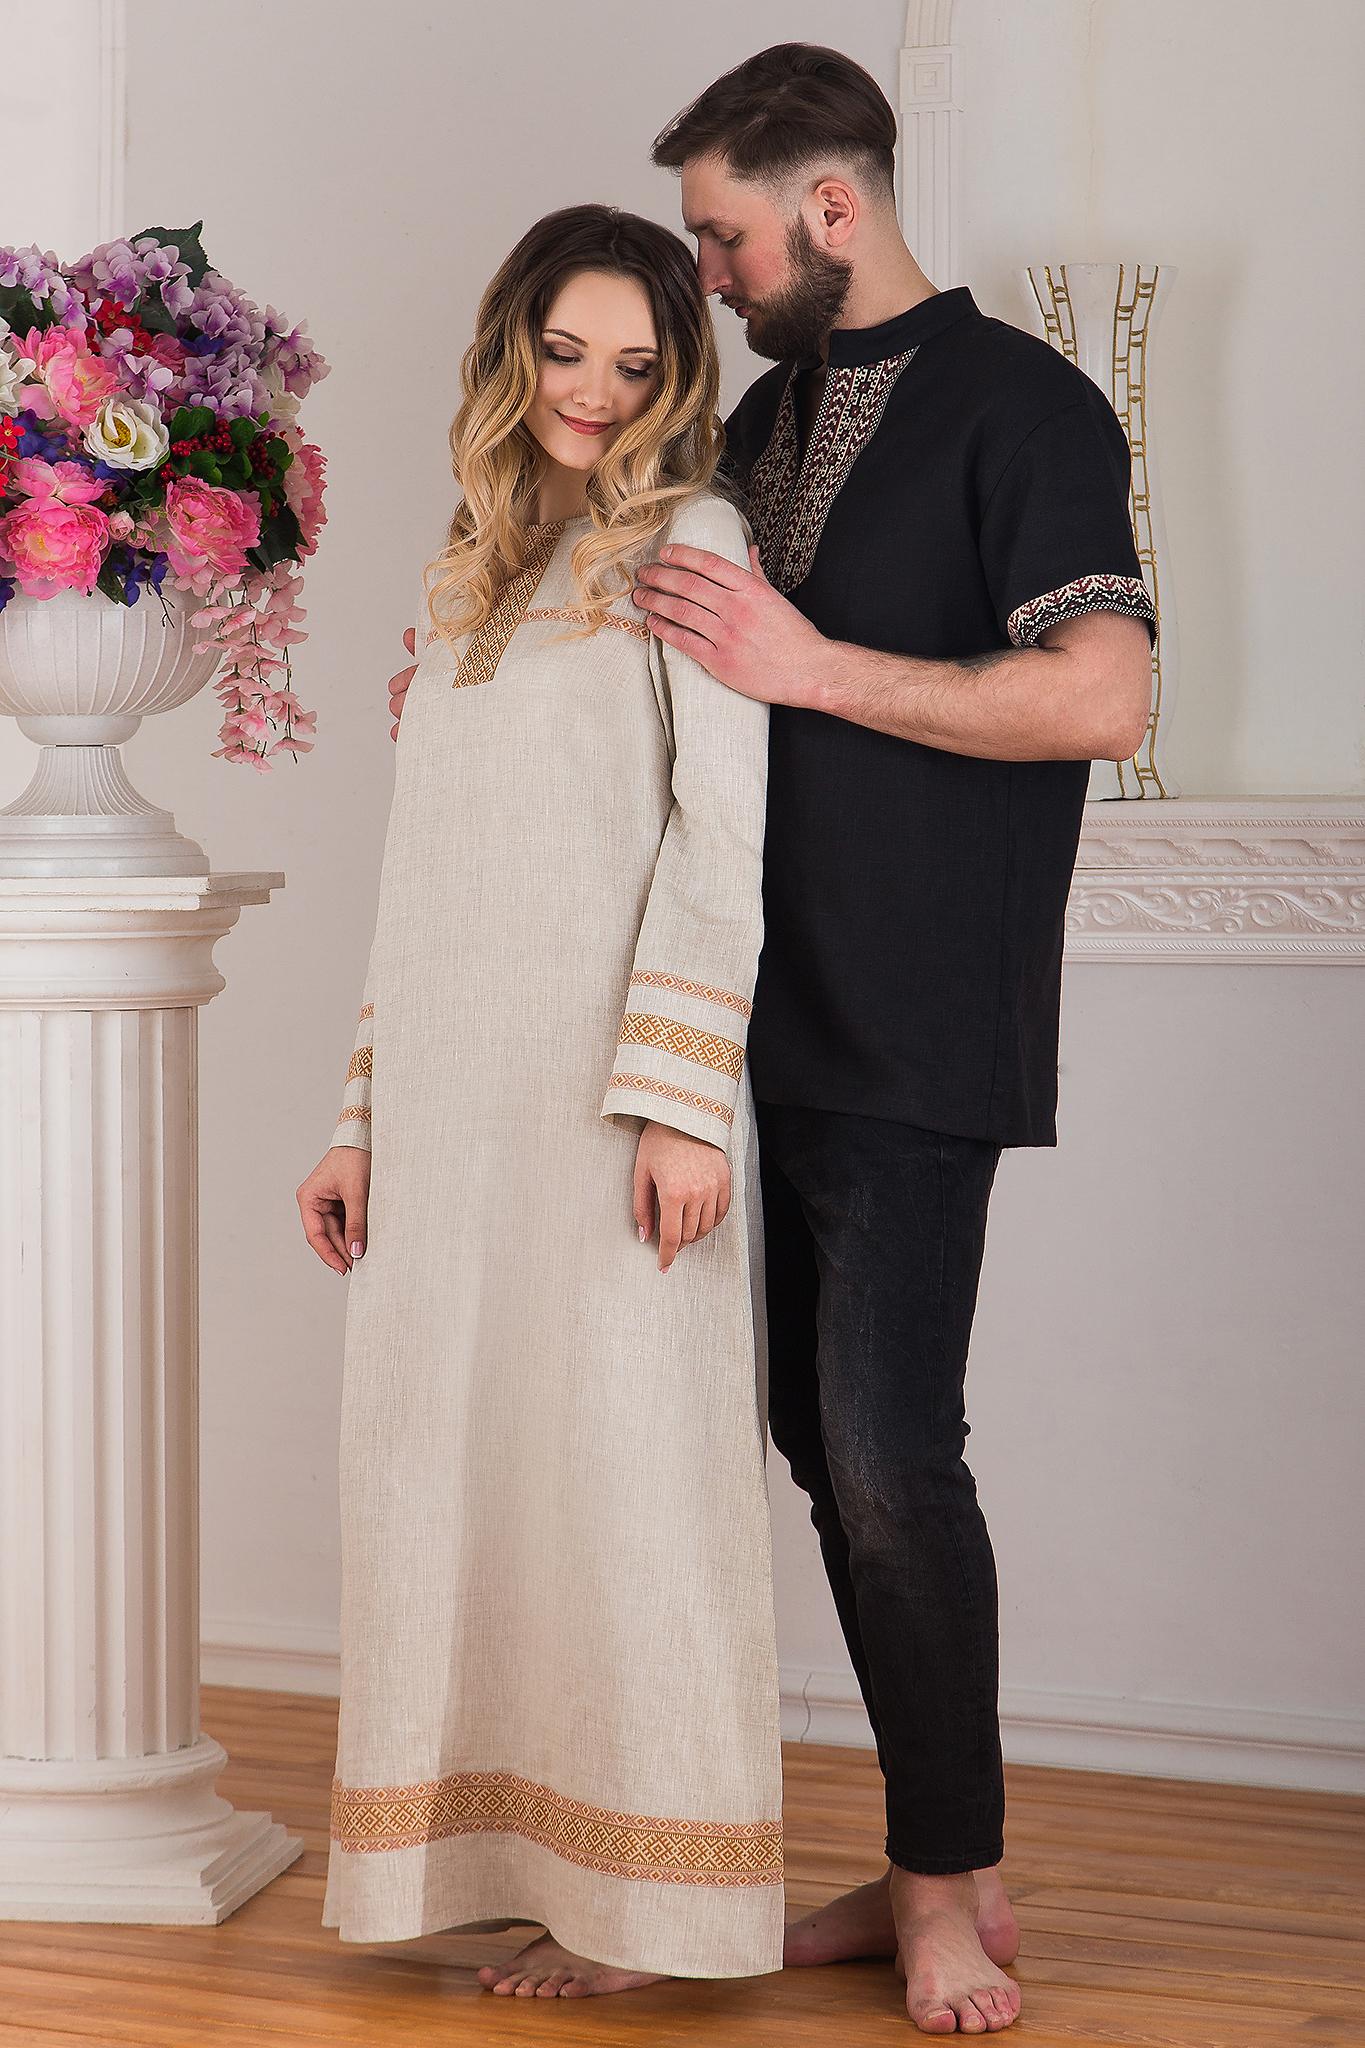 Платье льняное традиционное купить в интернет-магазине Иванка с мужчиной